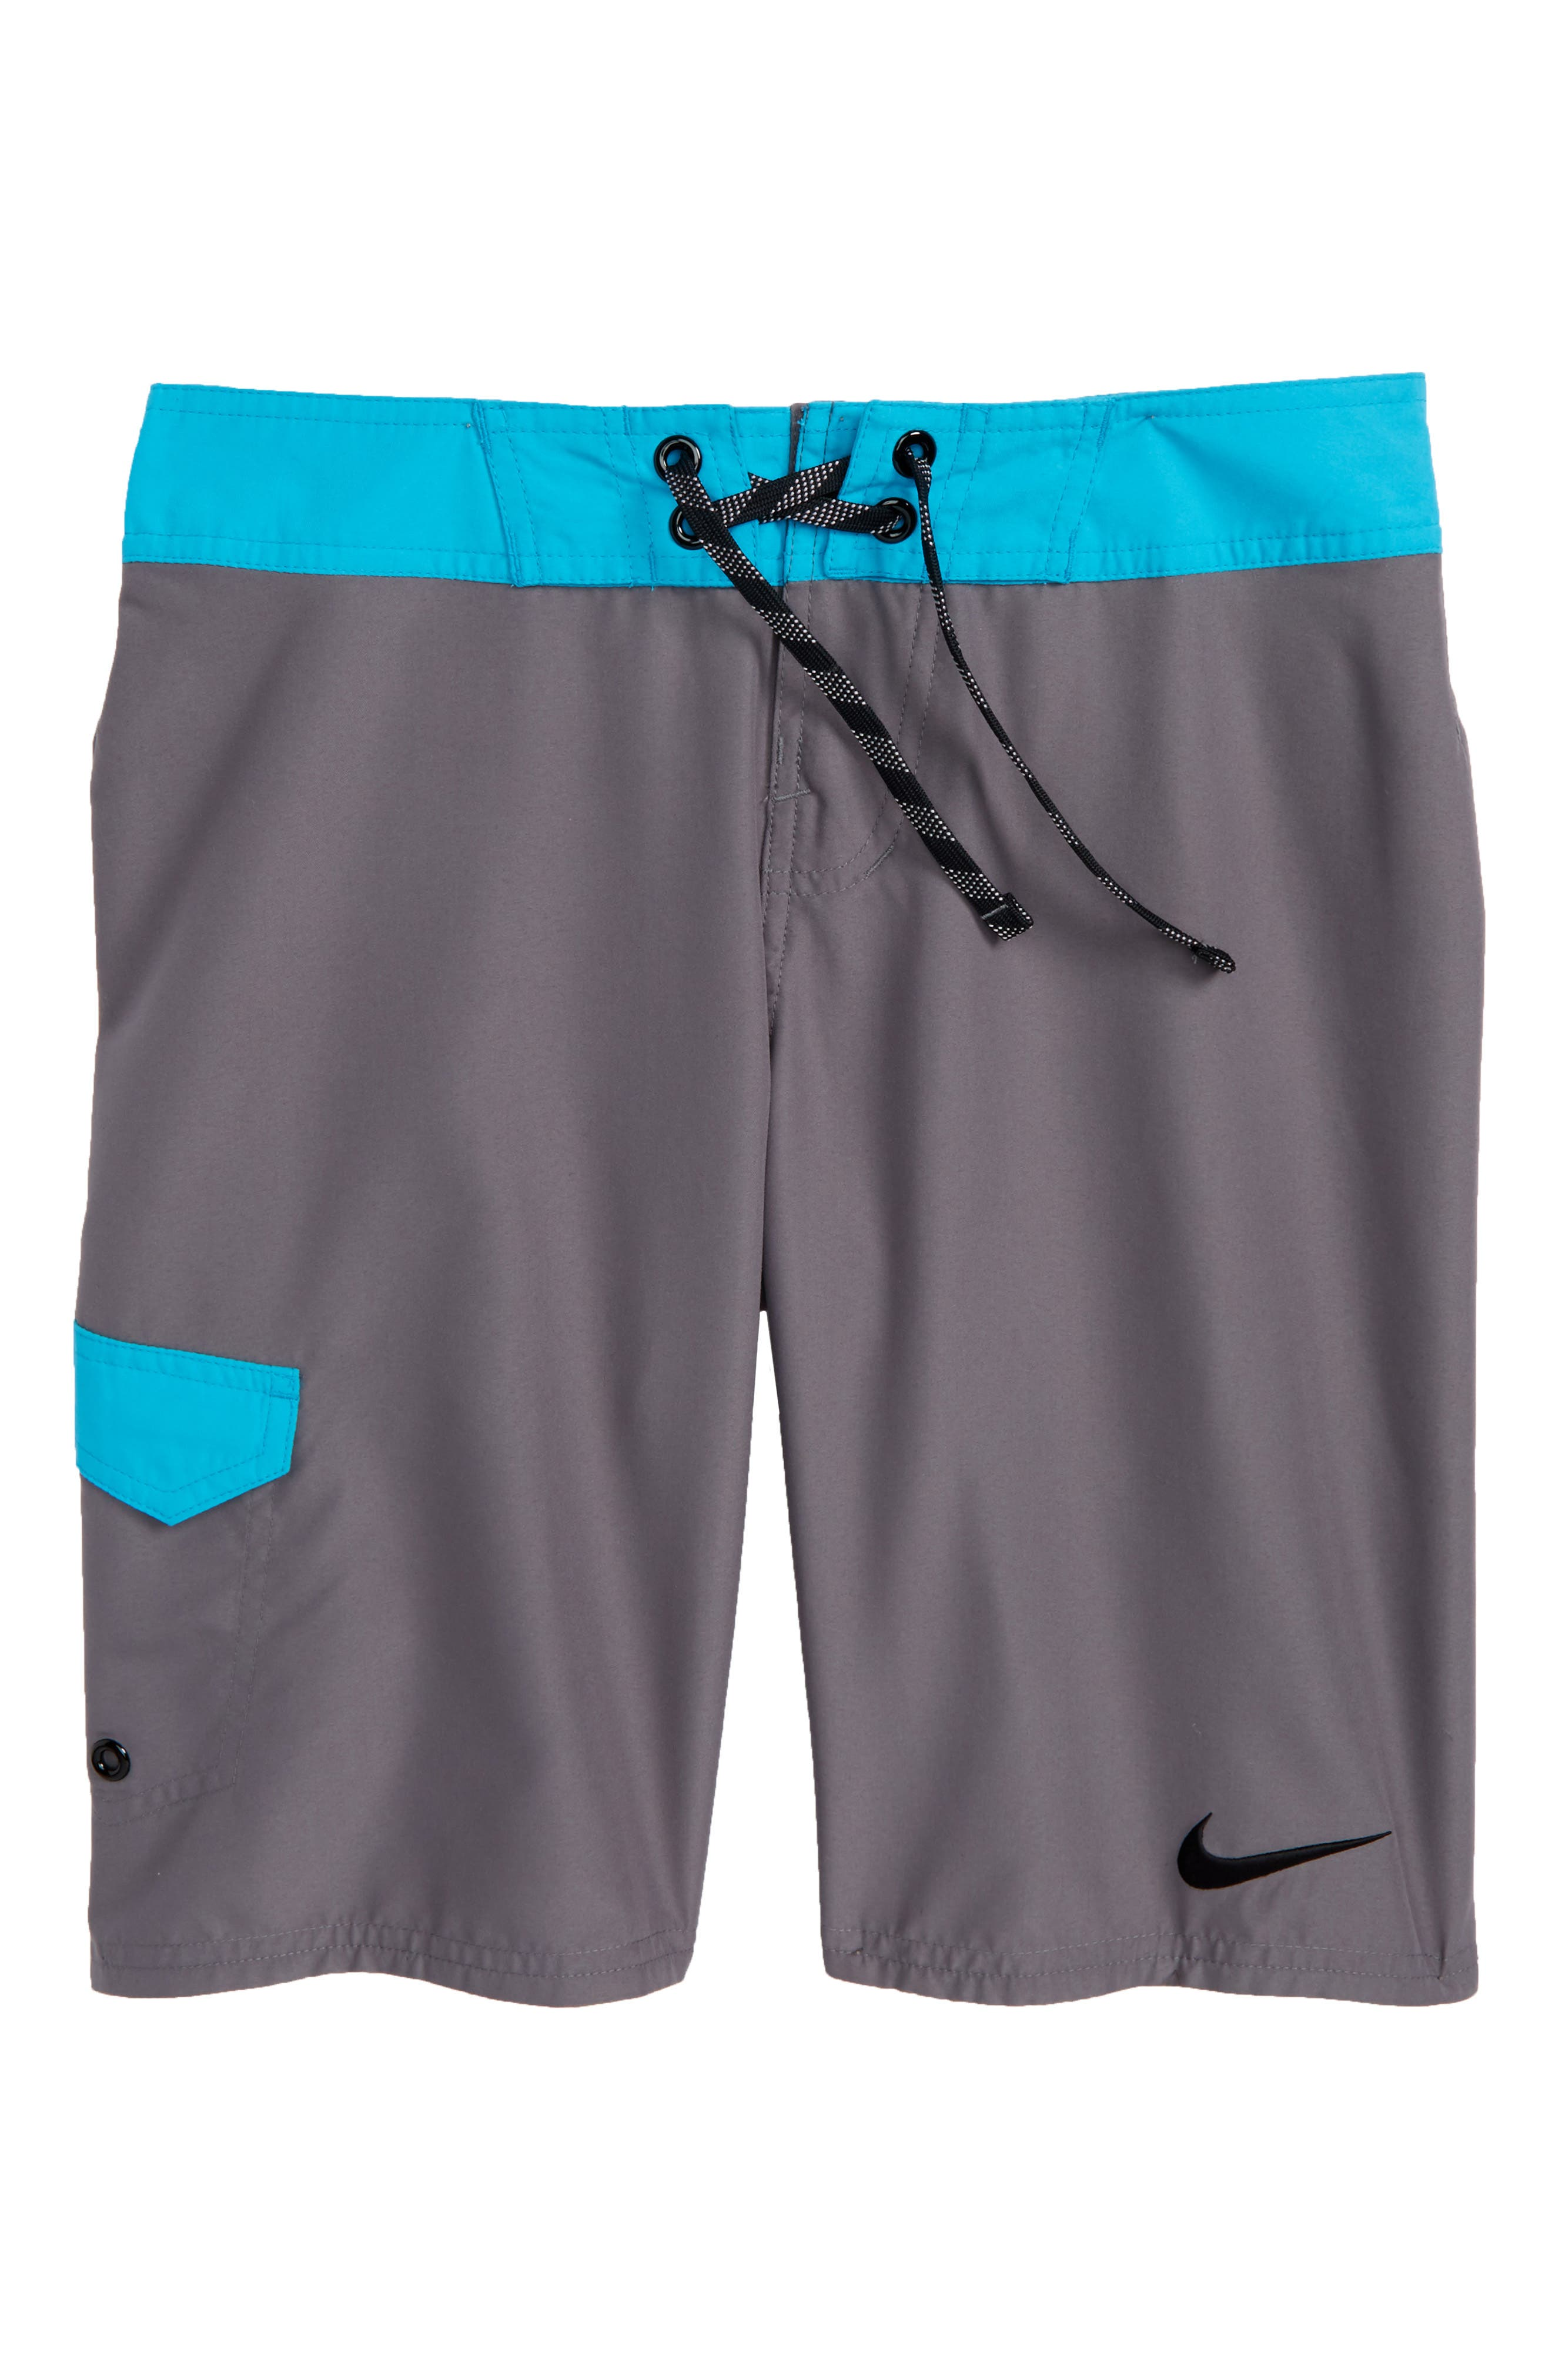 Drift Board Shorts,                         Main,                         color, Gunsmoke